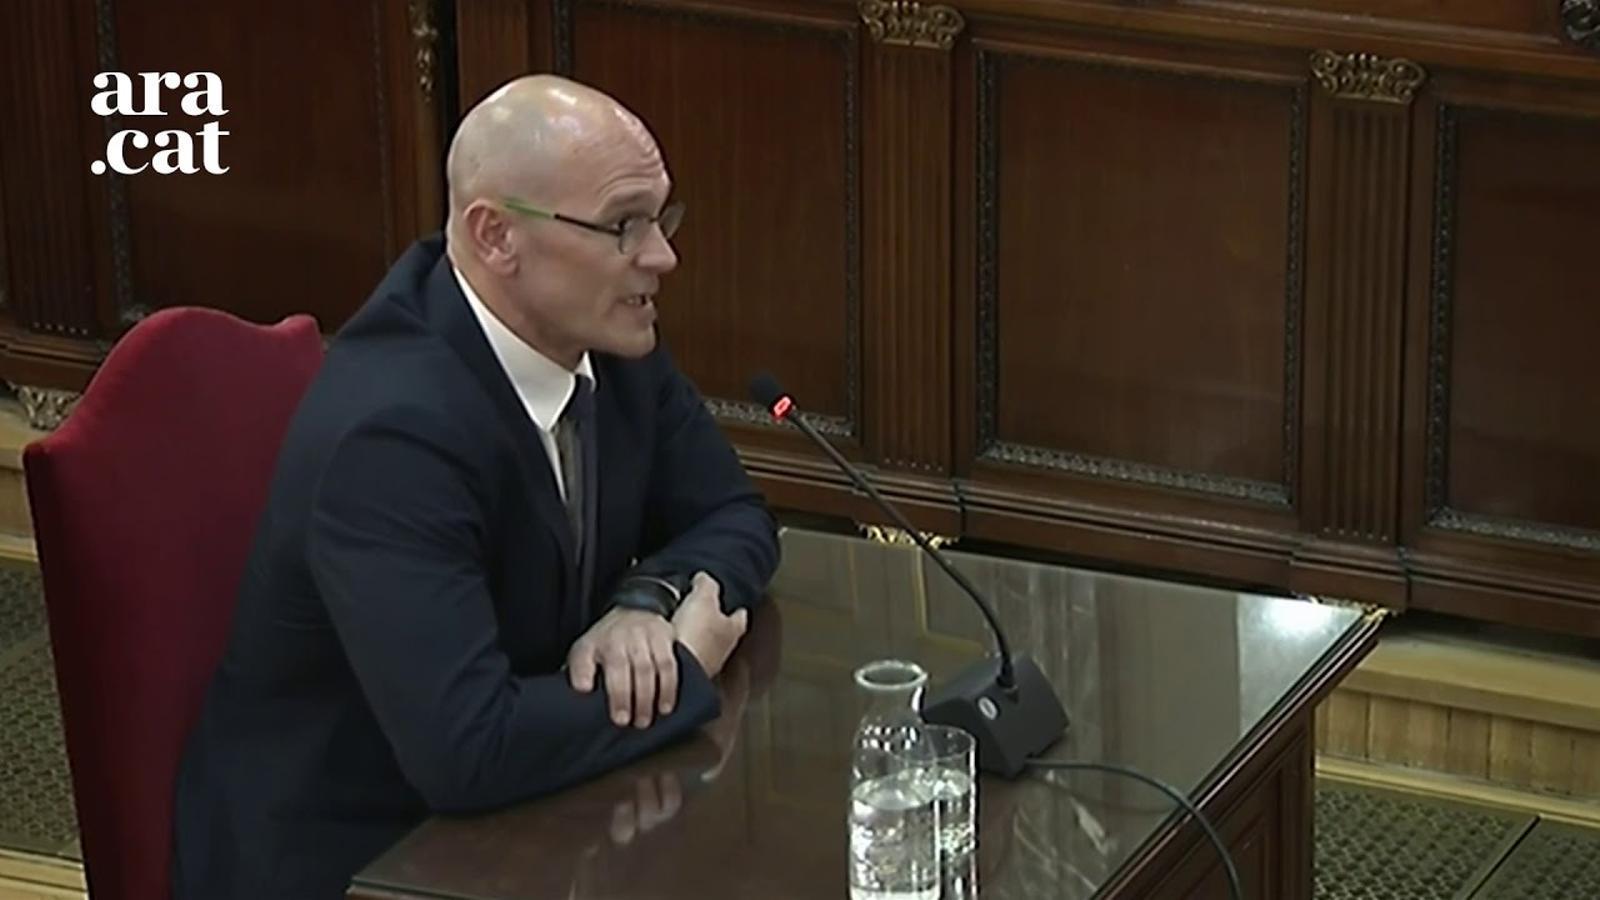 """""""Me considero un preso político"""" y """"La autodeterminación es legal"""": Romeva calca el interrogatorio de Junqueras"""